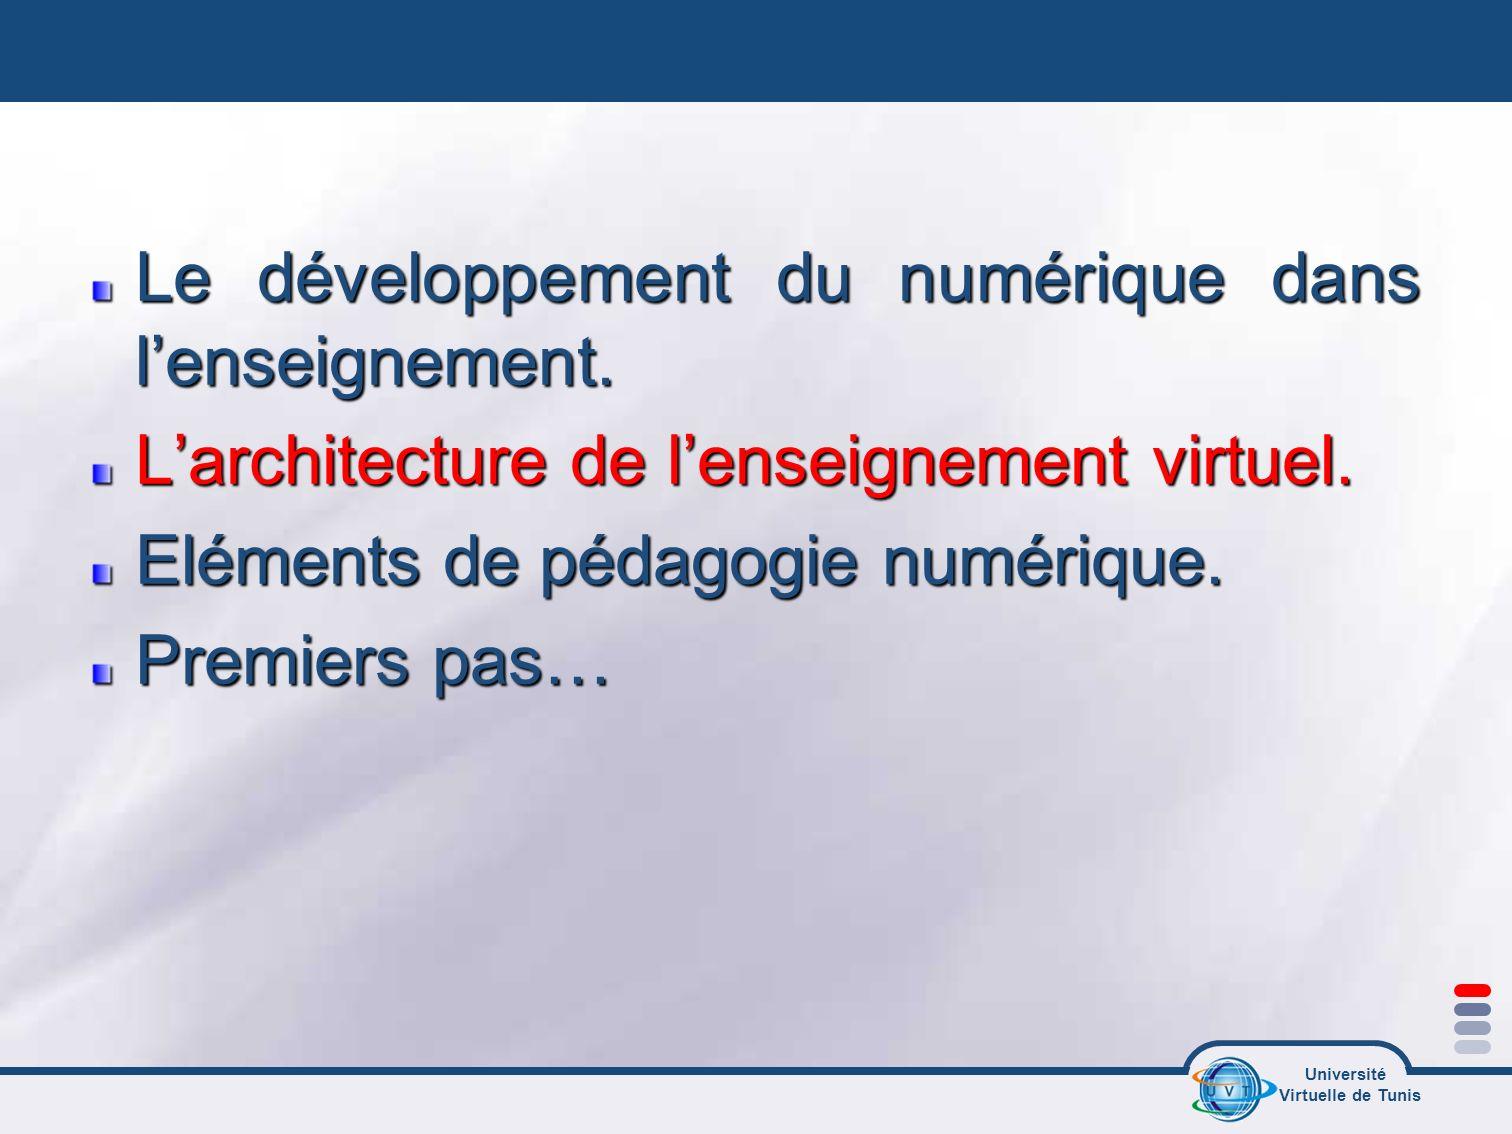 Le développement du numérique dans l'enseignement.